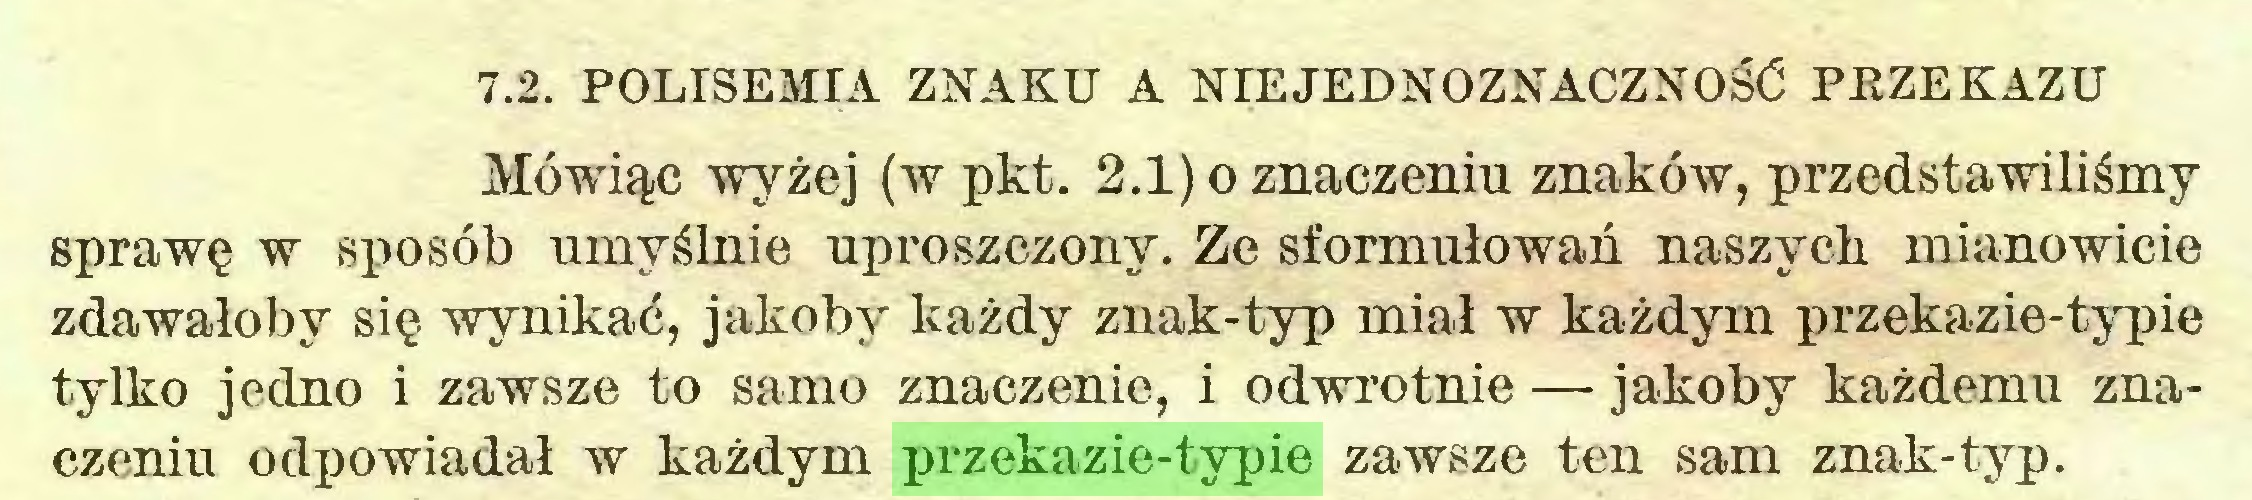 (...) 7.2. POLISEMIA ZNAKU A NIEJEDNOZNACZNOŚĆ PRZEKAZU Mówiąc wyżej (w pkt. 2.1) o znaczeniu znaków, przedstawiliśmy sprawę w sposób umyślnie uproszczony. Ze sformułowań naszych mianowicie zdawałoby się wynikać, jakoby każdy znak-typ miał w każdym przekazie-typie tylko jedno i zawsze to samo znaczenie, i odwrotnie — jakoby każdemu znaczeniu odpowiadał w każdym przekazie-typie zawsze ten sam znak-typ...